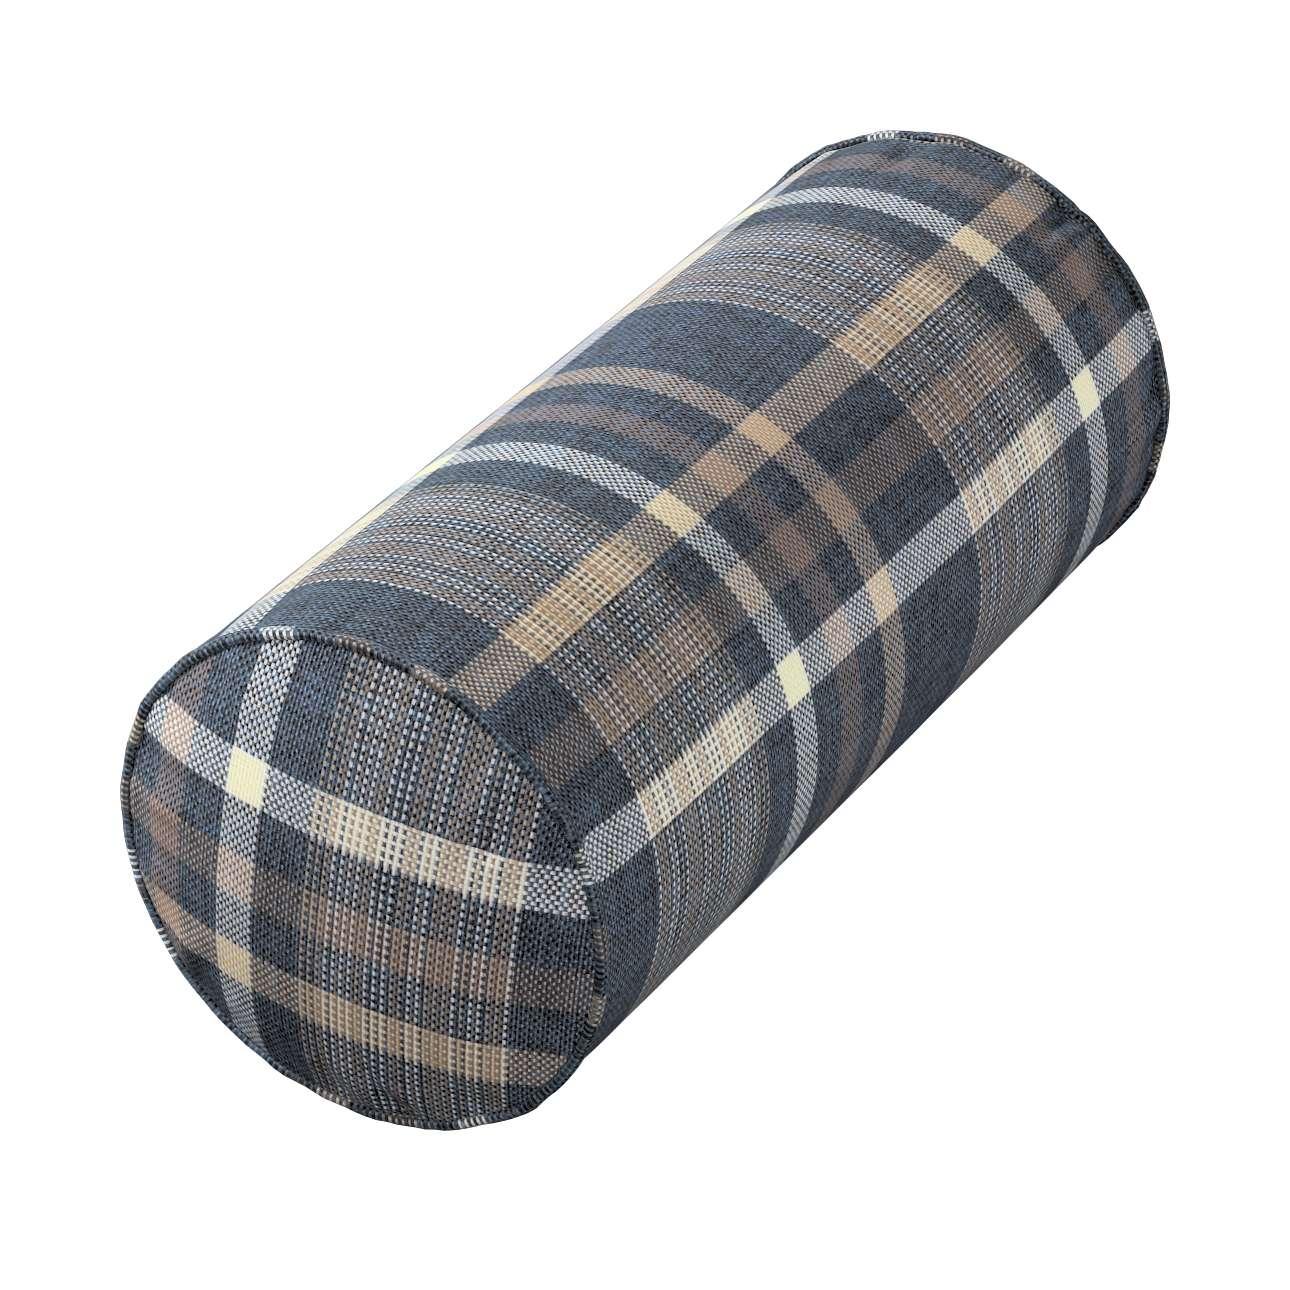 Pokrowiec na wałek Ektorp w kolekcji Edinburgh, tkanina: 703-16